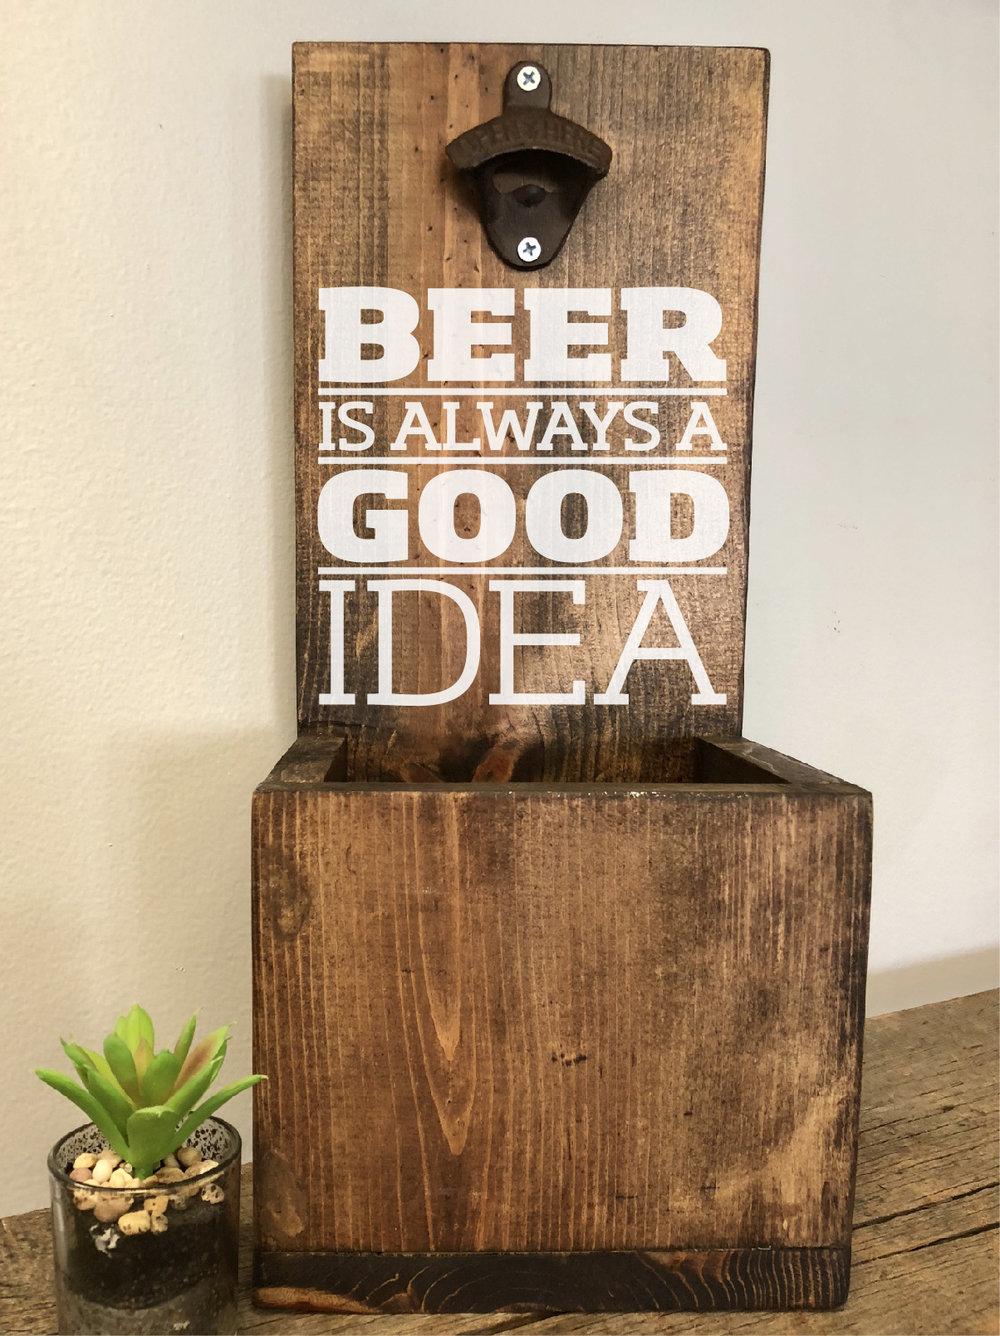 BeerGoodIdea.jpg